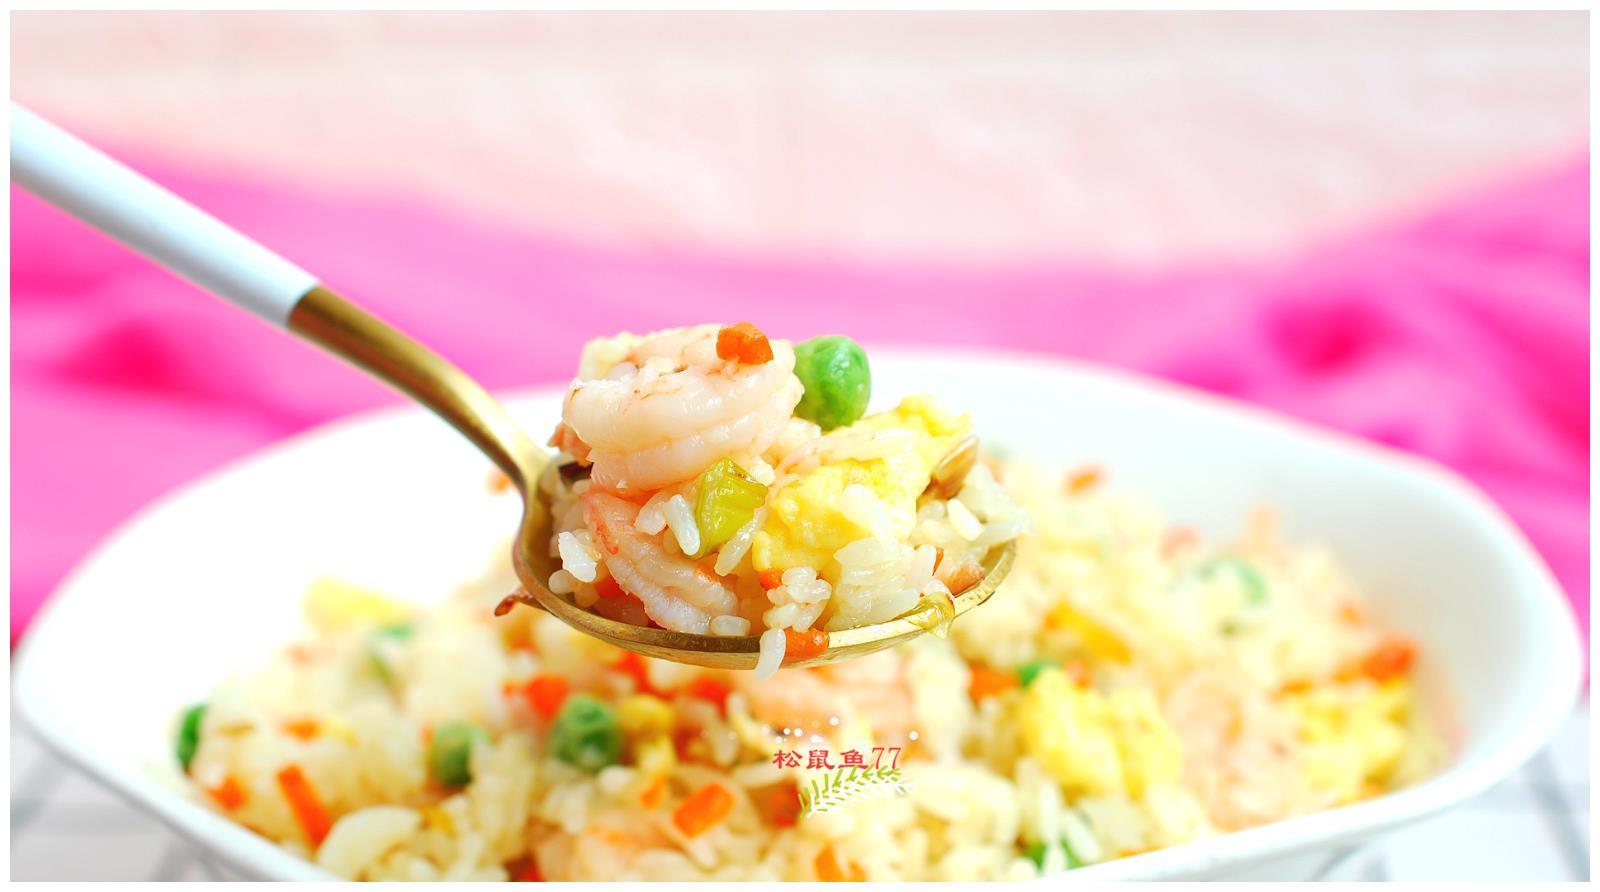 午餐就吃这碗虾仁炒饭,虾仁Q弹,米粒松散,色彩丰富营养全